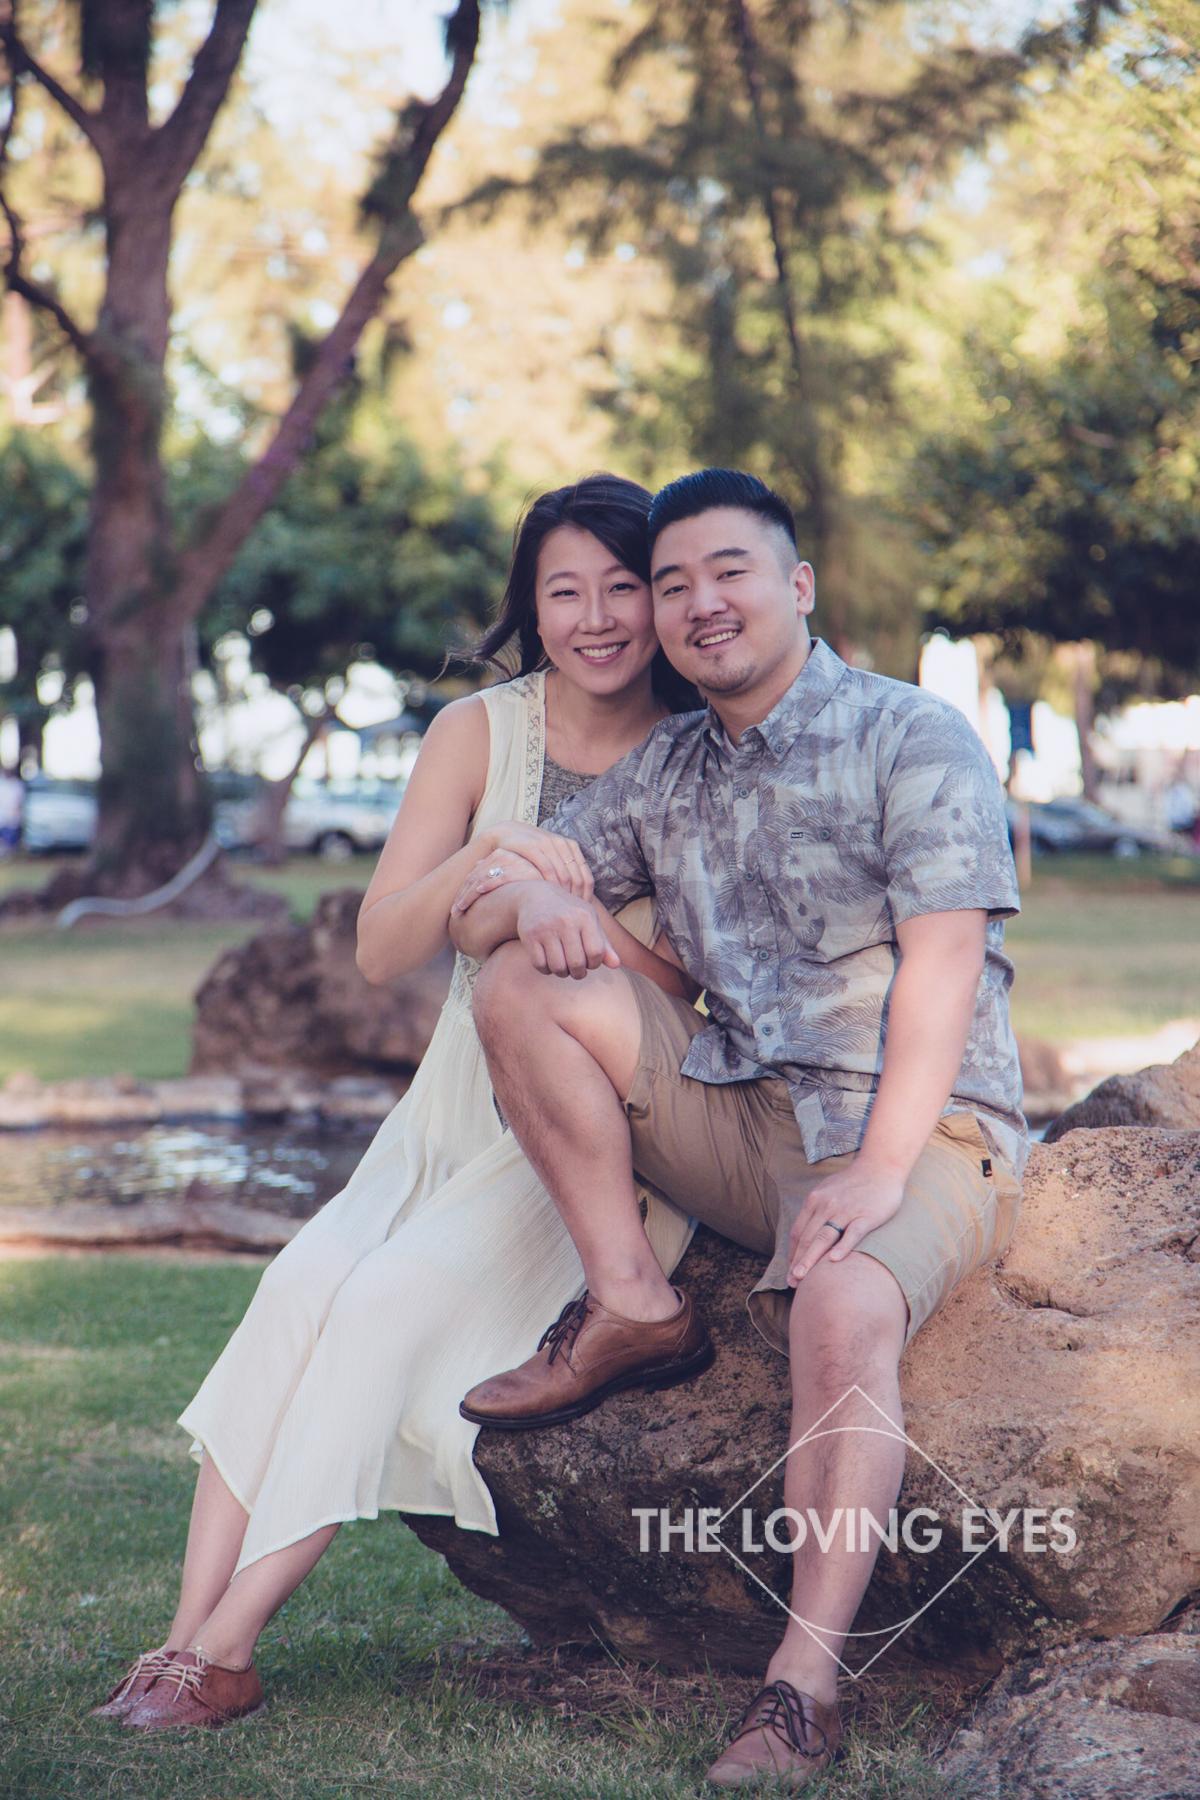 Vacation photo in Hawaii at Kapiolani Park in Waikiki